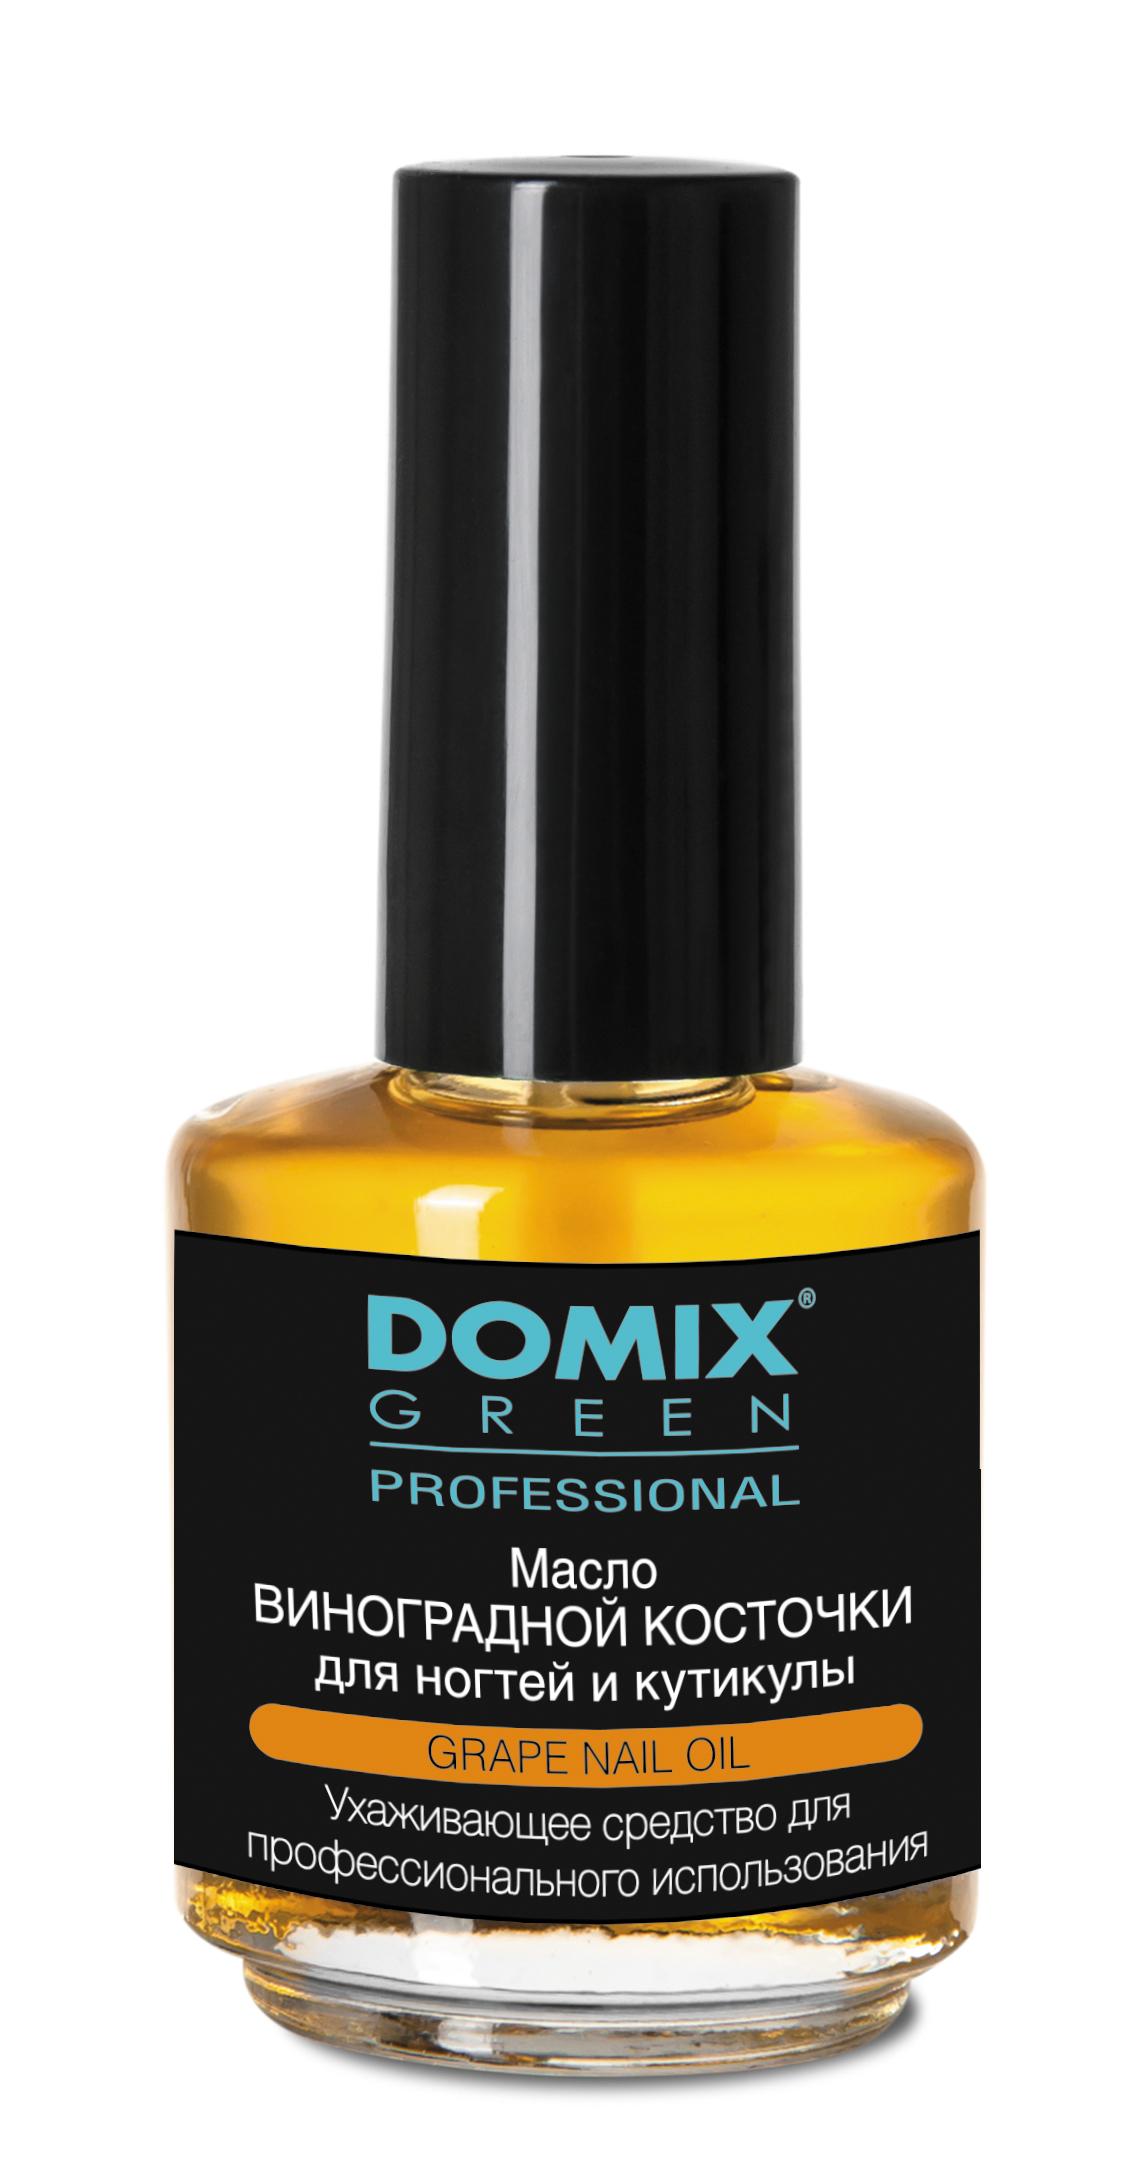 DOMIX Масло виноградной косточки для ногтей и кутикулы / DGP 17мл